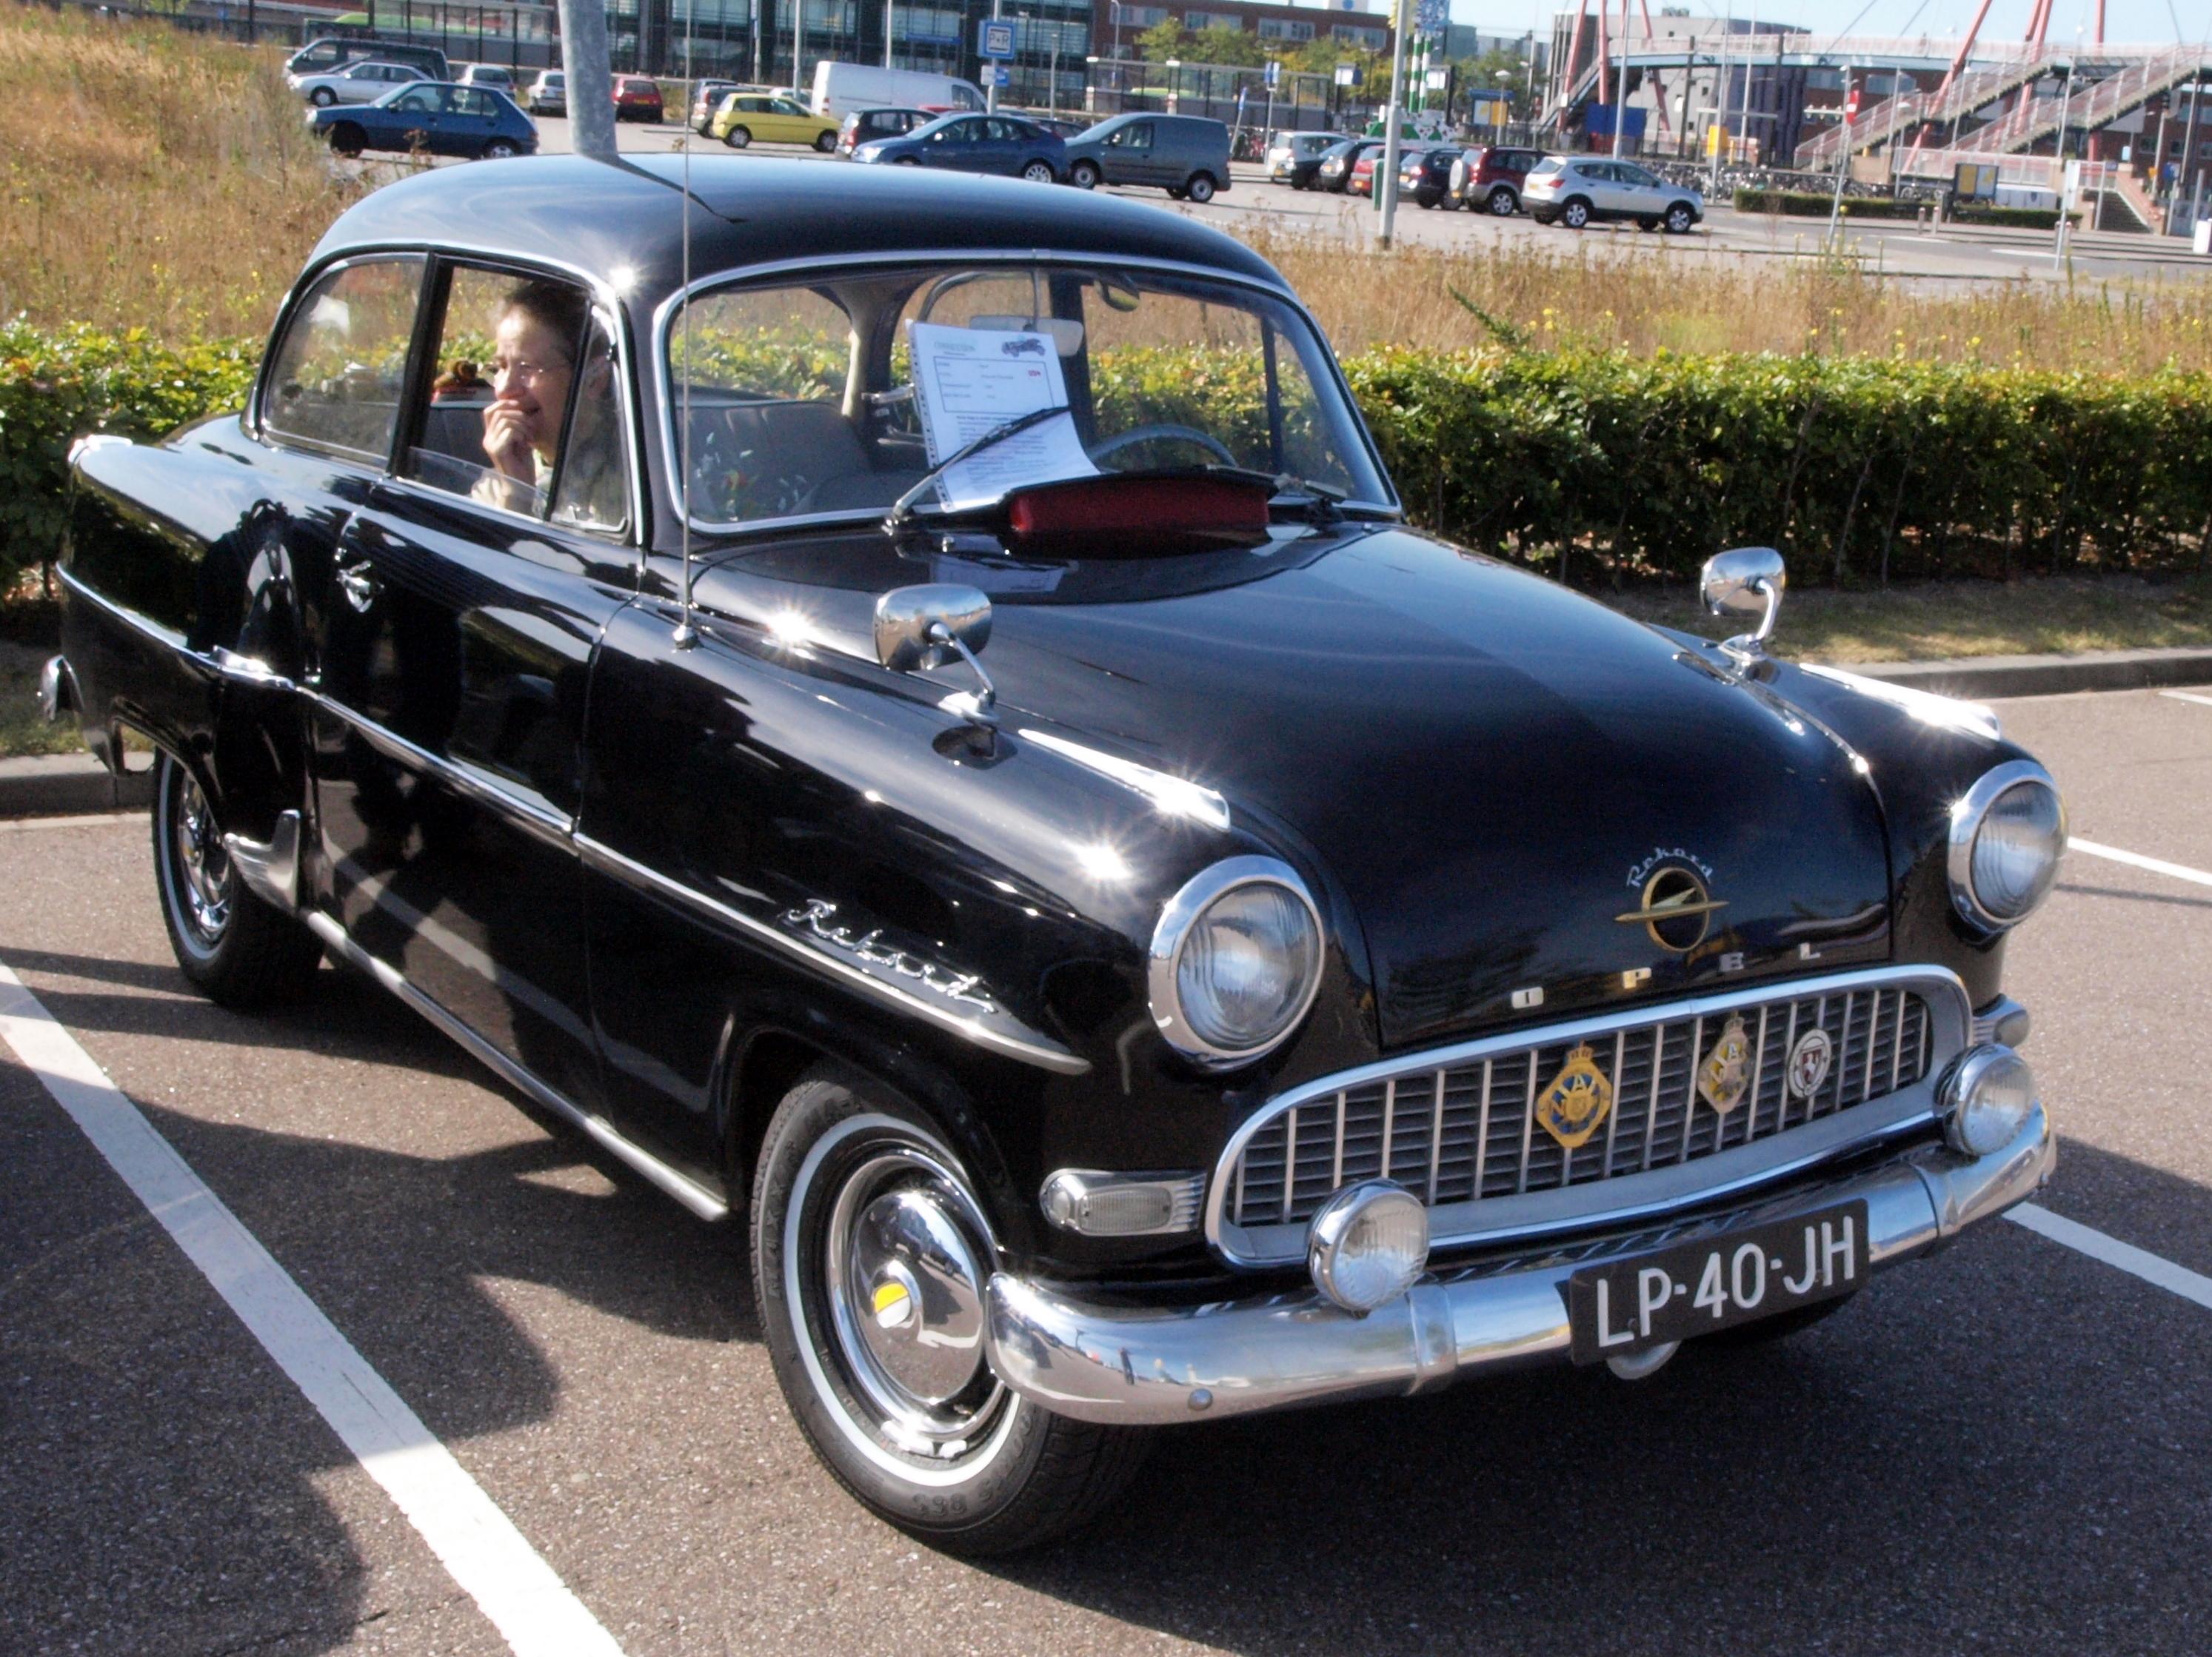 File Opel Rekord Olympia Lp 40 Jh Jpg Wikimedia Commons